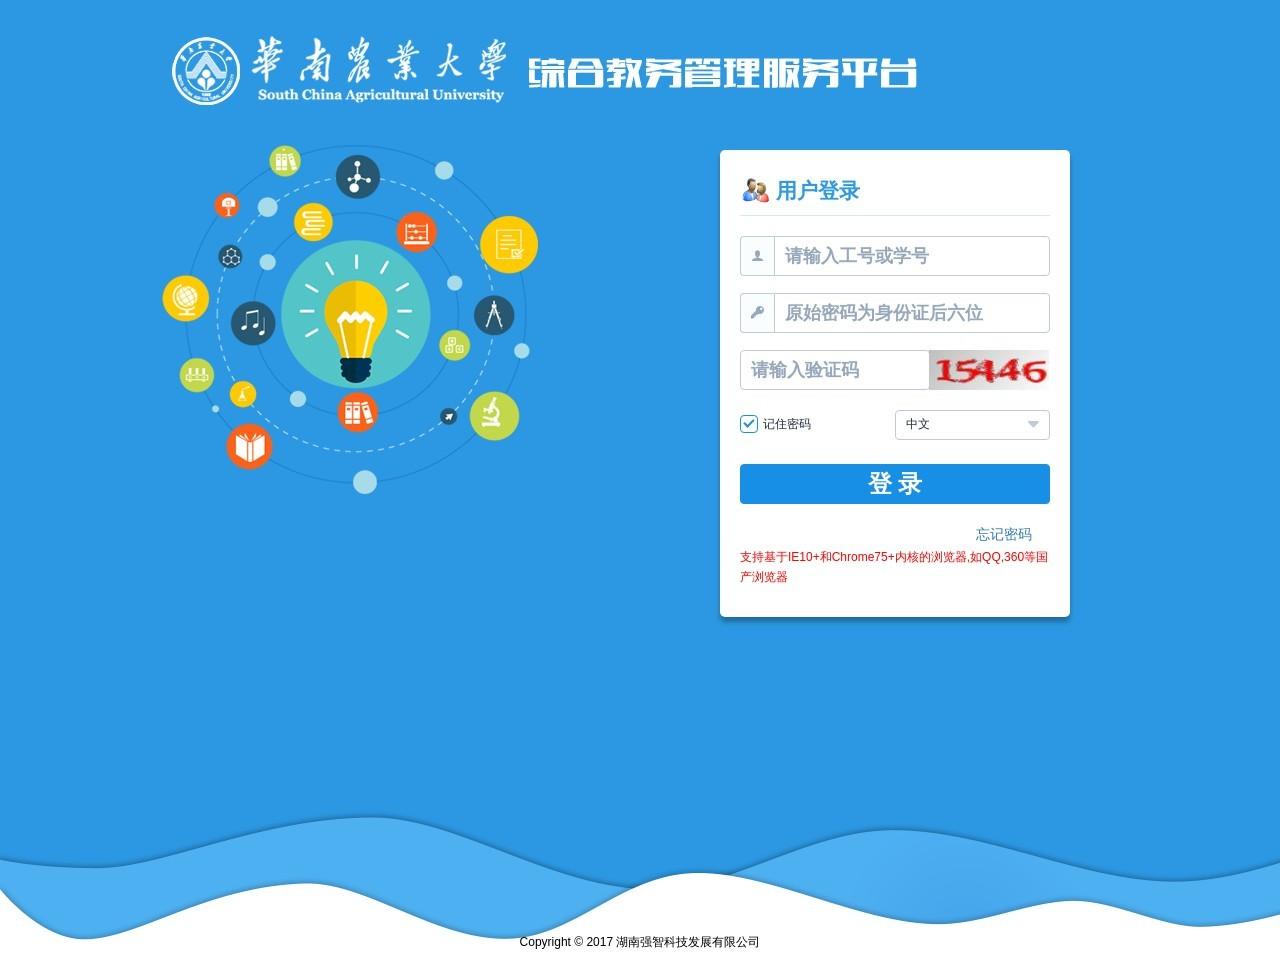 华南农业大学教务处,华南农业大学教务处新教务系统